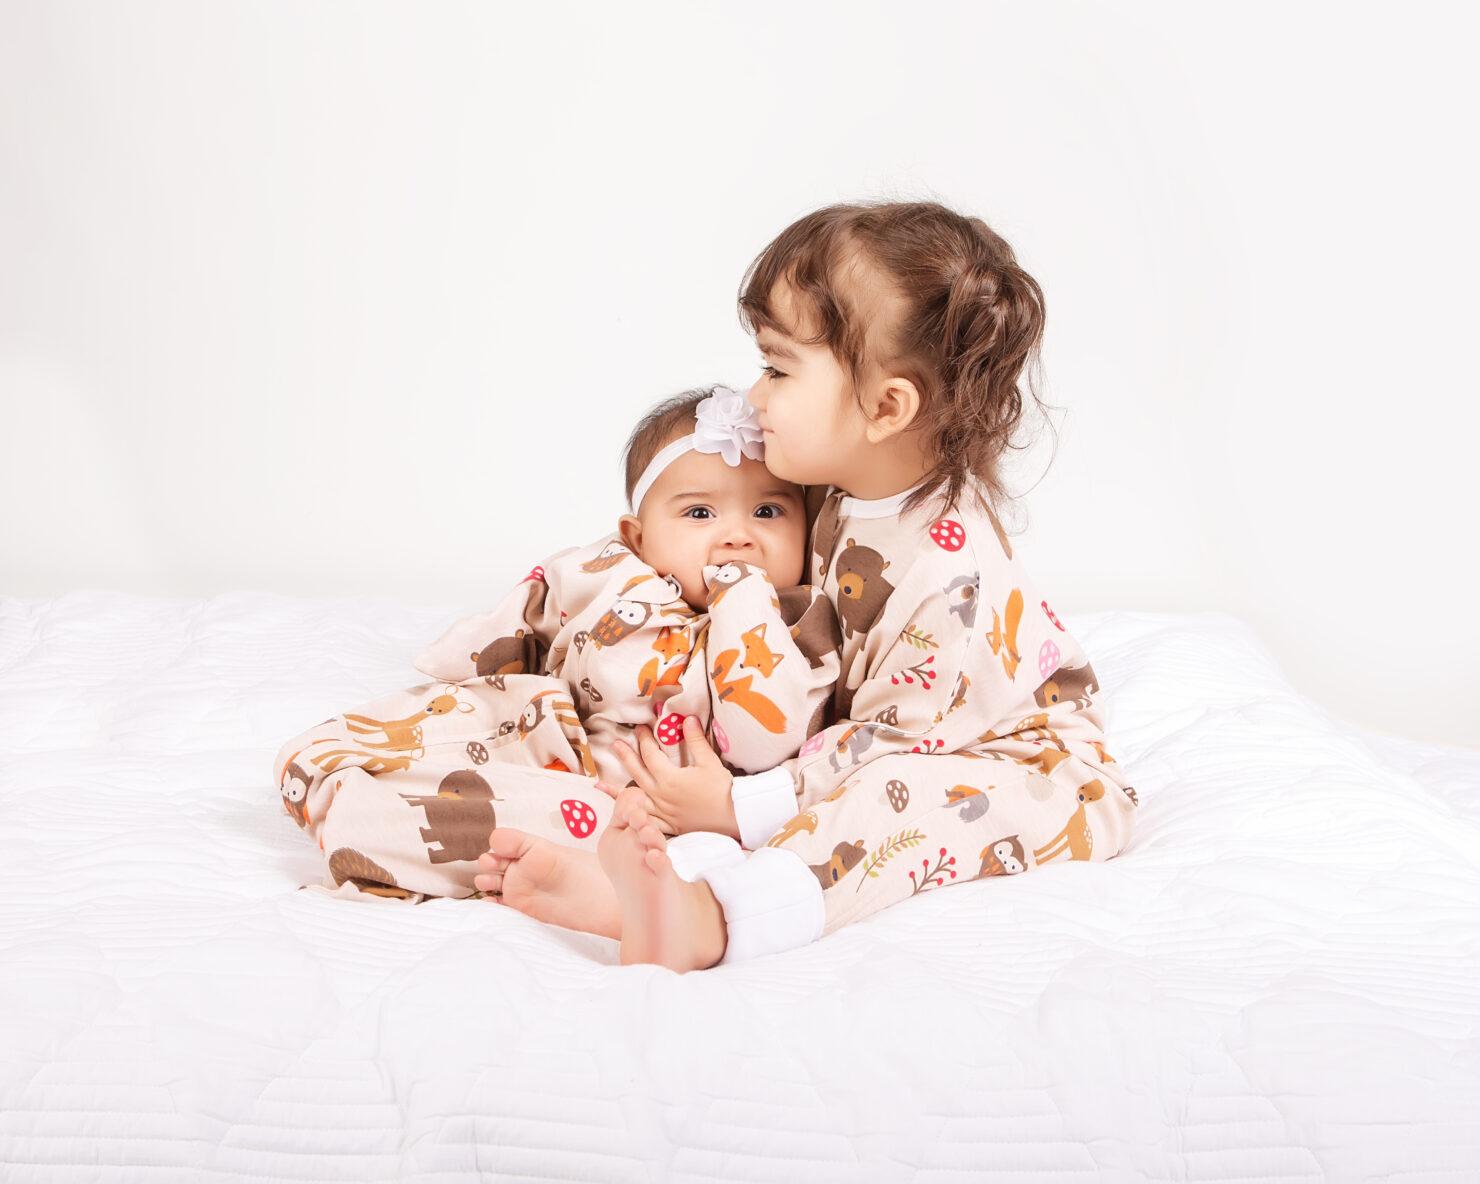 赤ちゃんの寝つきが変わる? おくるみ型パジャマ「スリーピングスター」が日本に上陸!